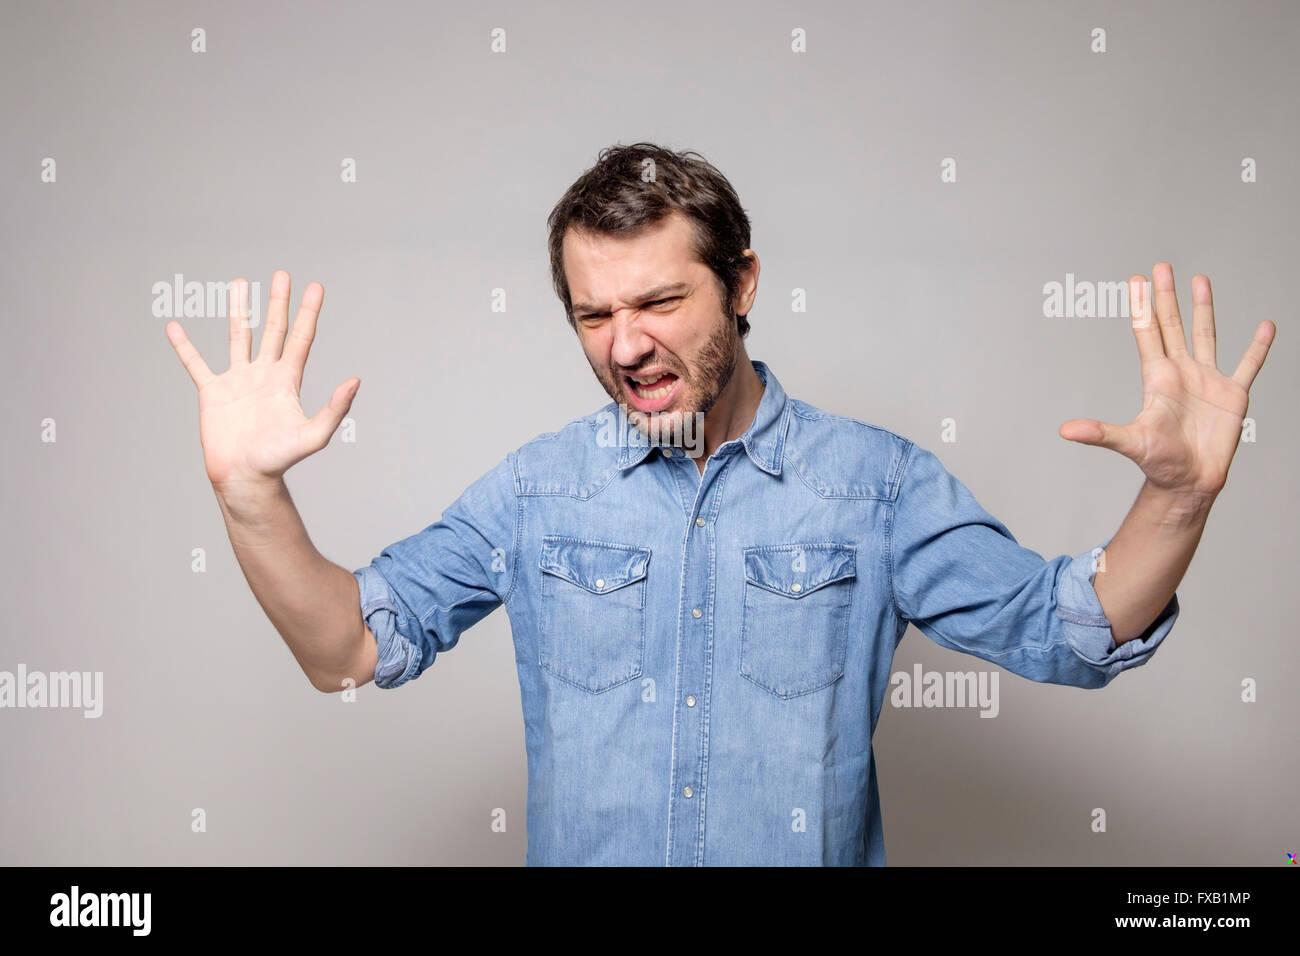 L'homme en colère isolé sur fond gris Banque D'Images